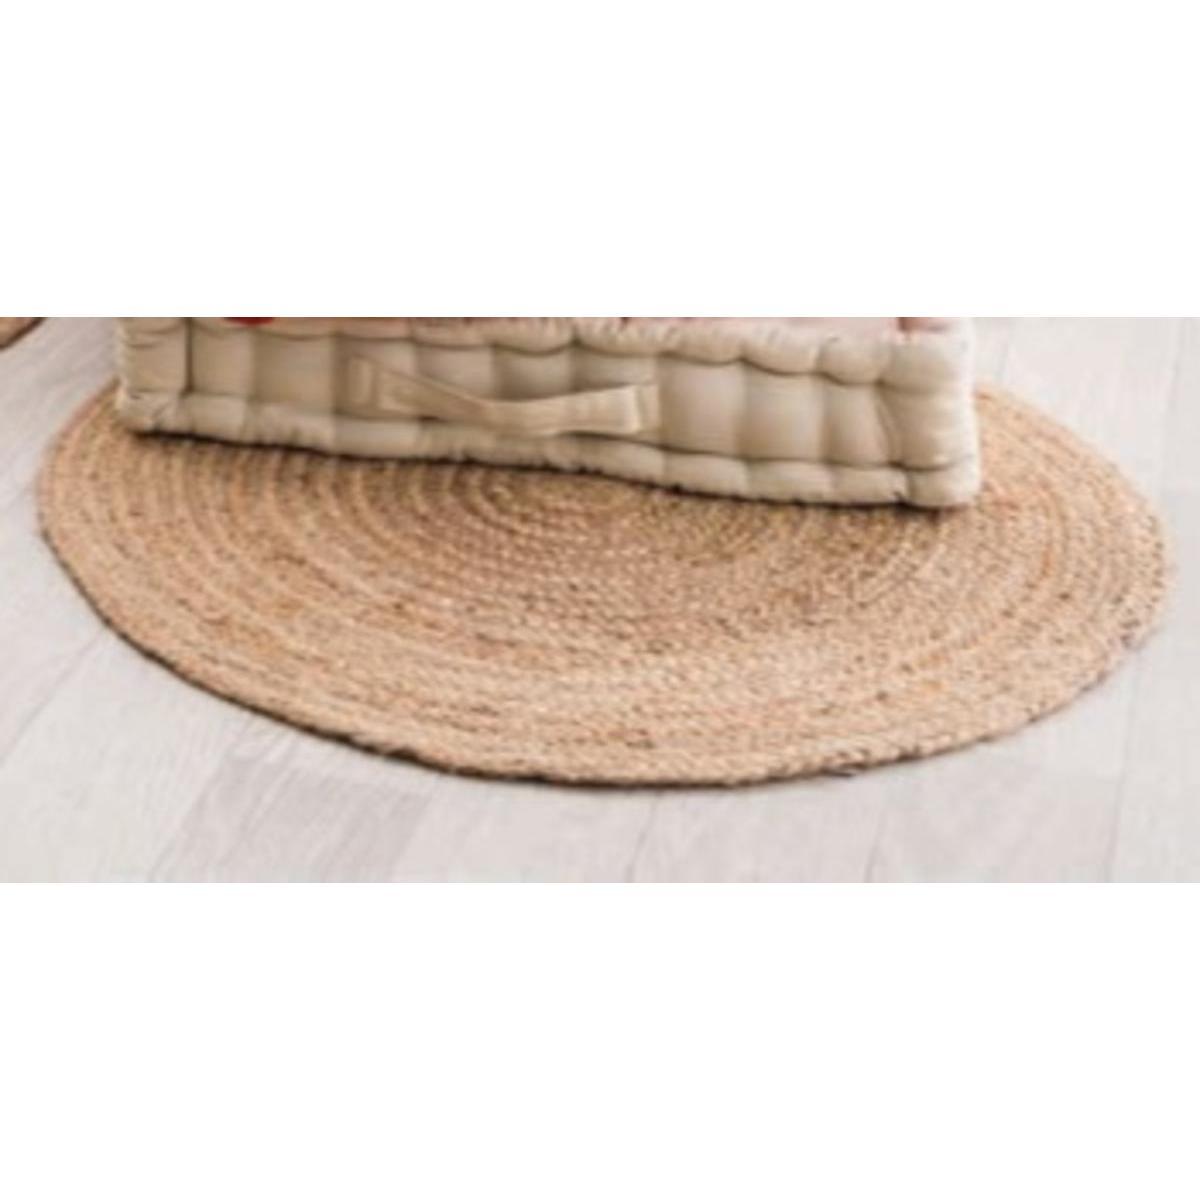 https www lafoirfouille fr decoration tapis deco p tapis jute 60 cm 10000196397 html